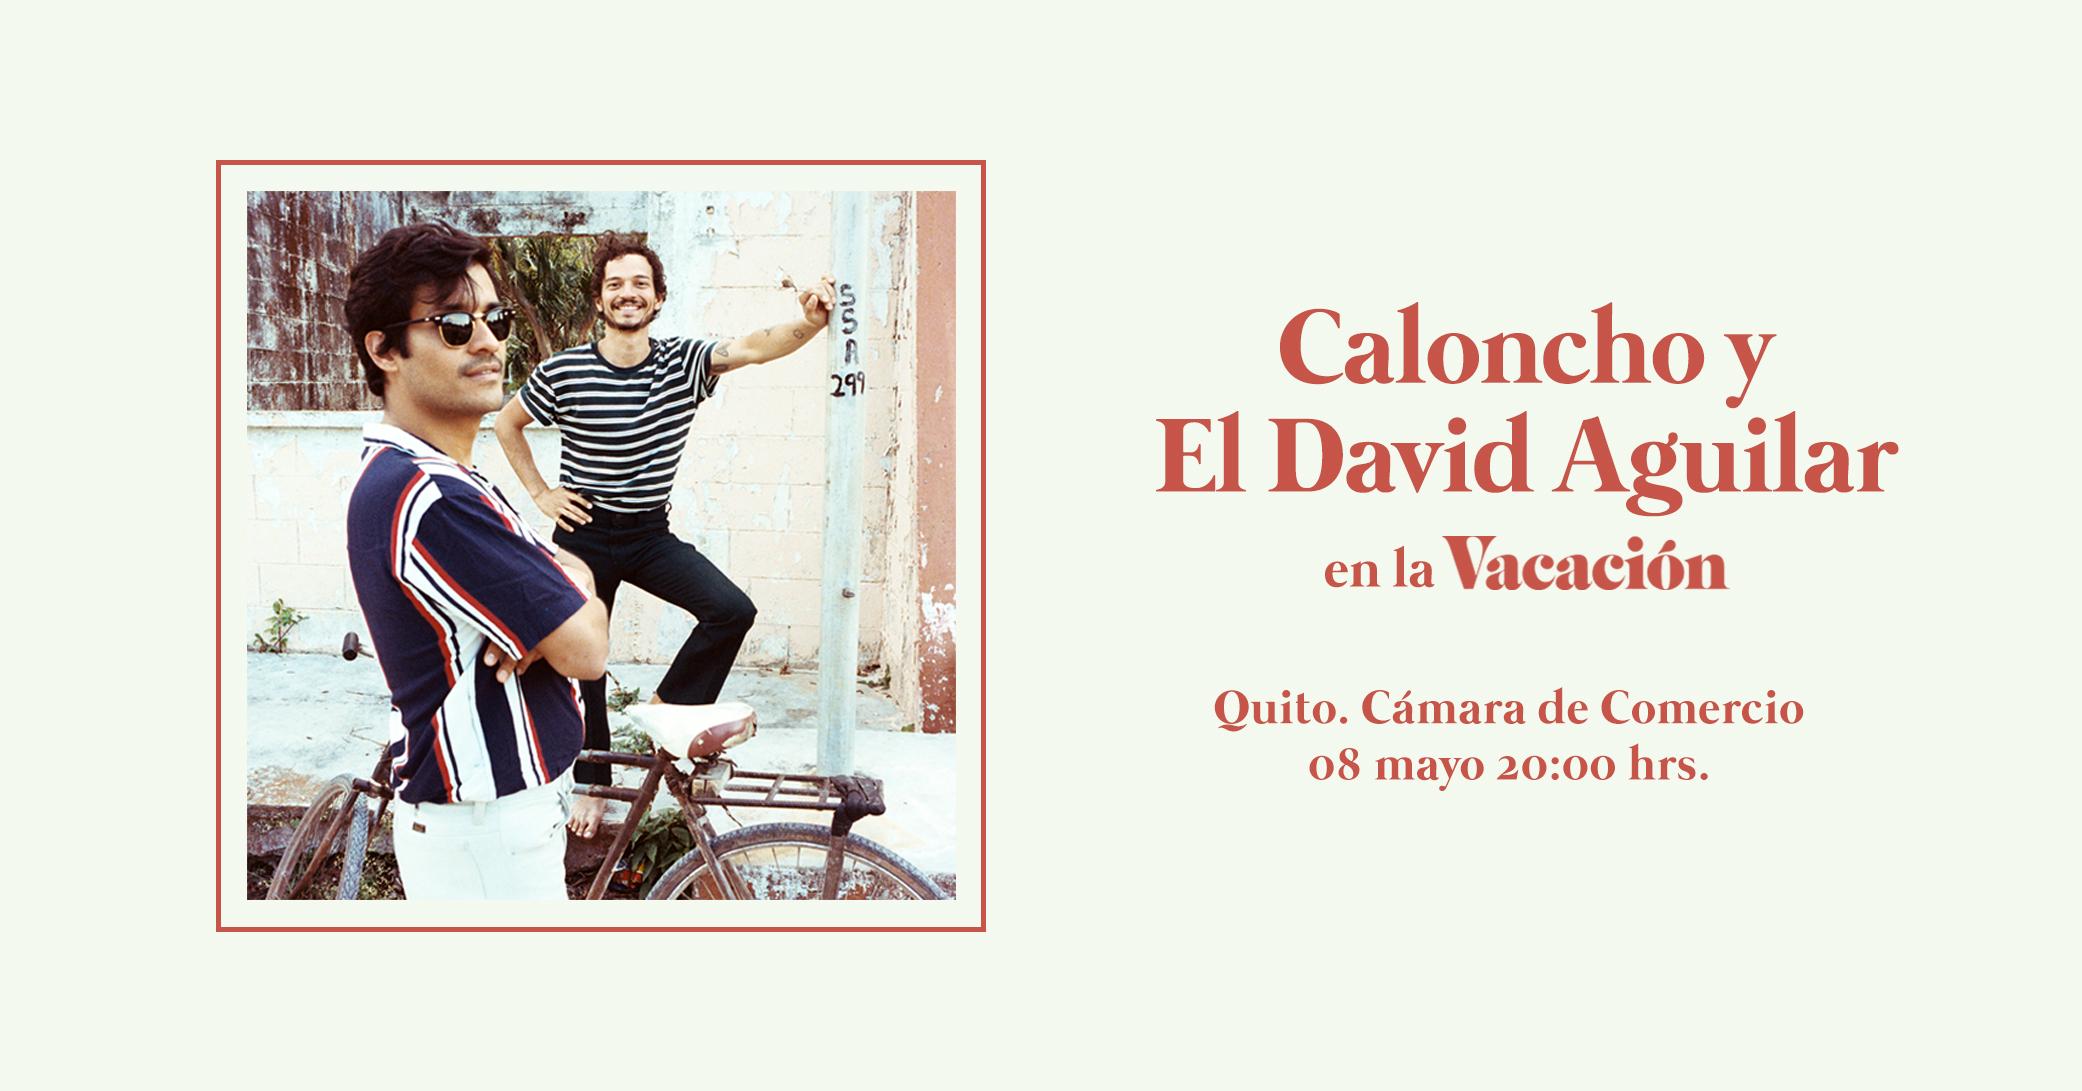 Caloncho y El David Aguilar en la Vacación en Quito, BuenPlan